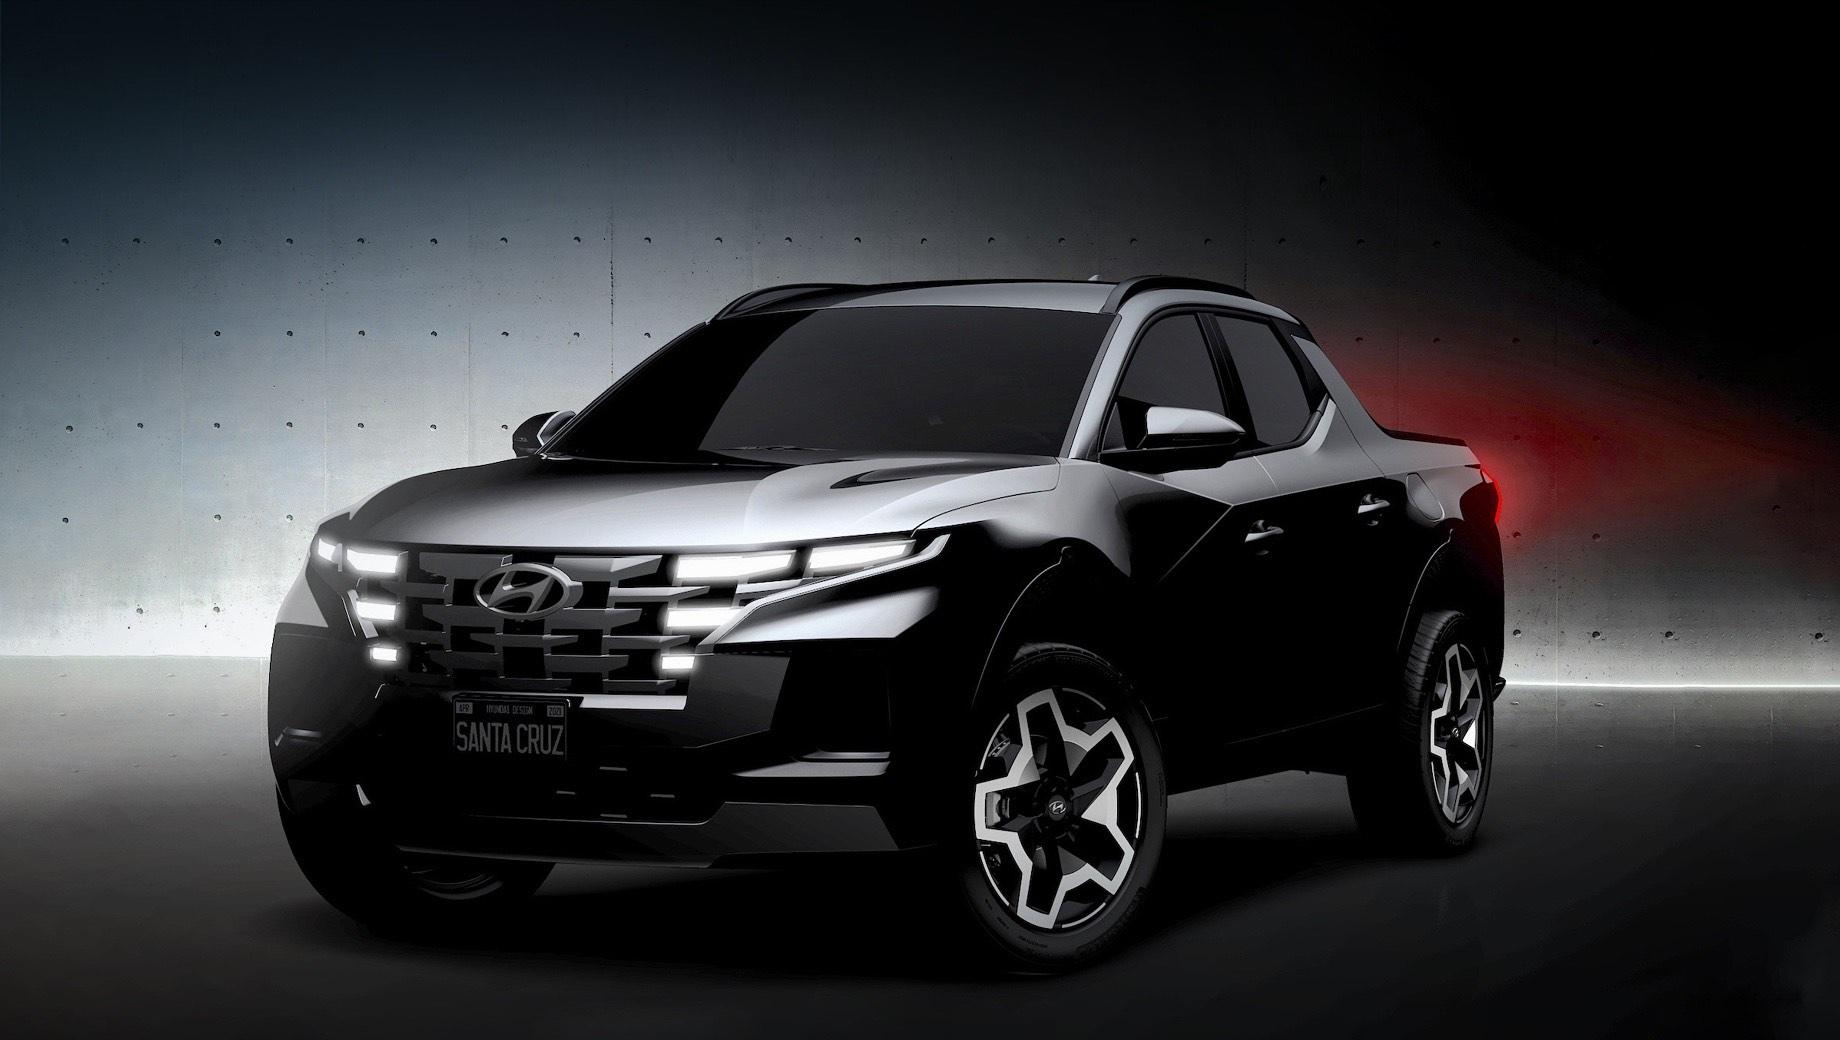 Пикап Hyundai Santa Cruz не стал скрывать родство с Тусаном